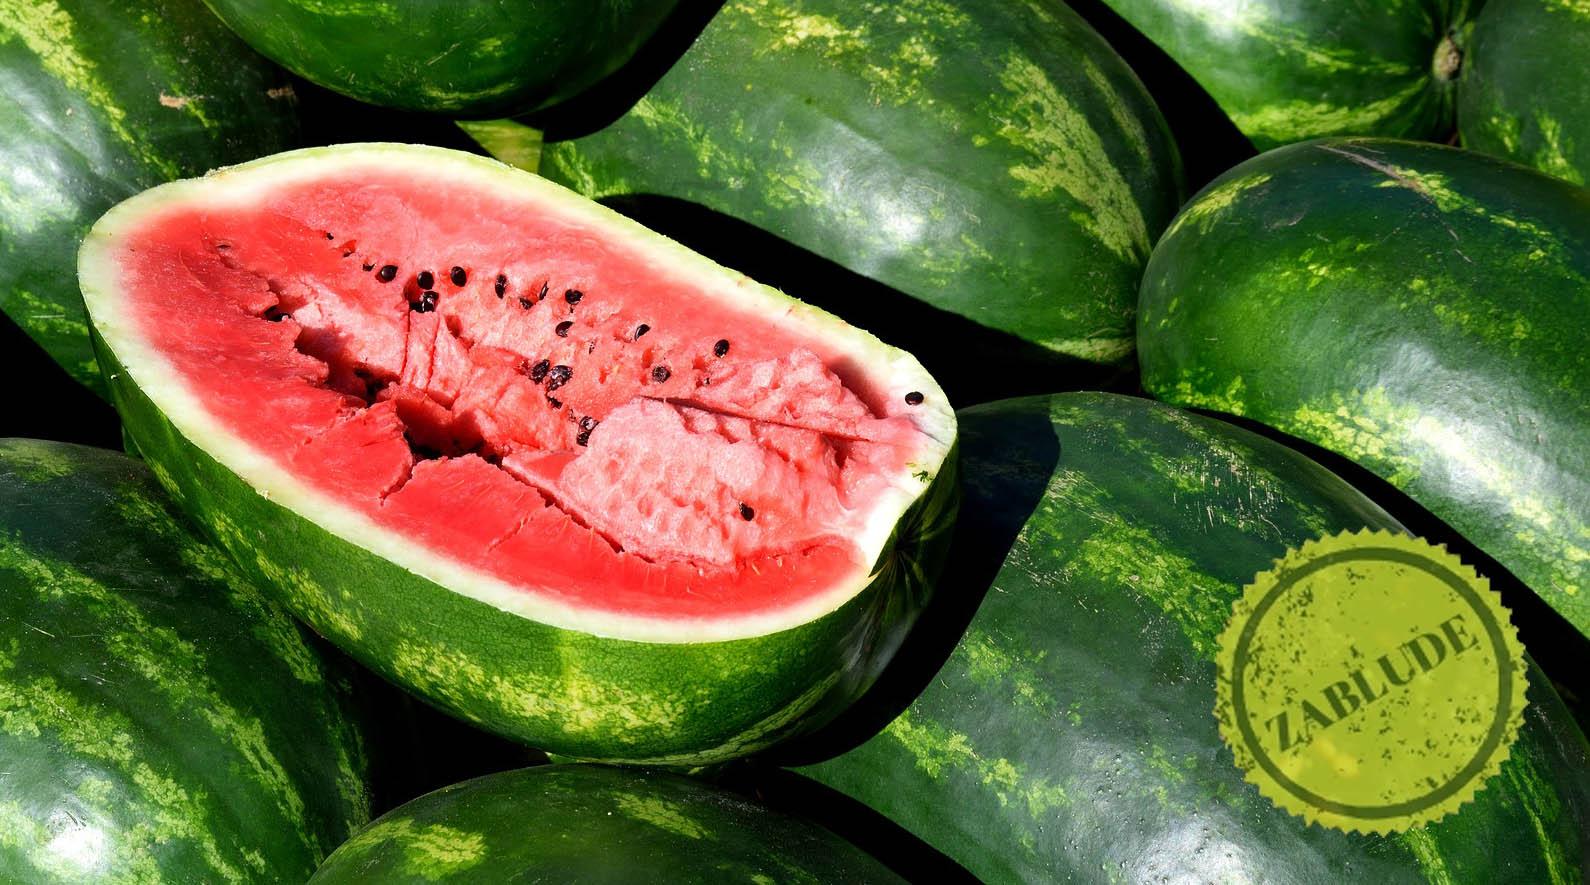 Zablude: Kada je lubenica zrela?